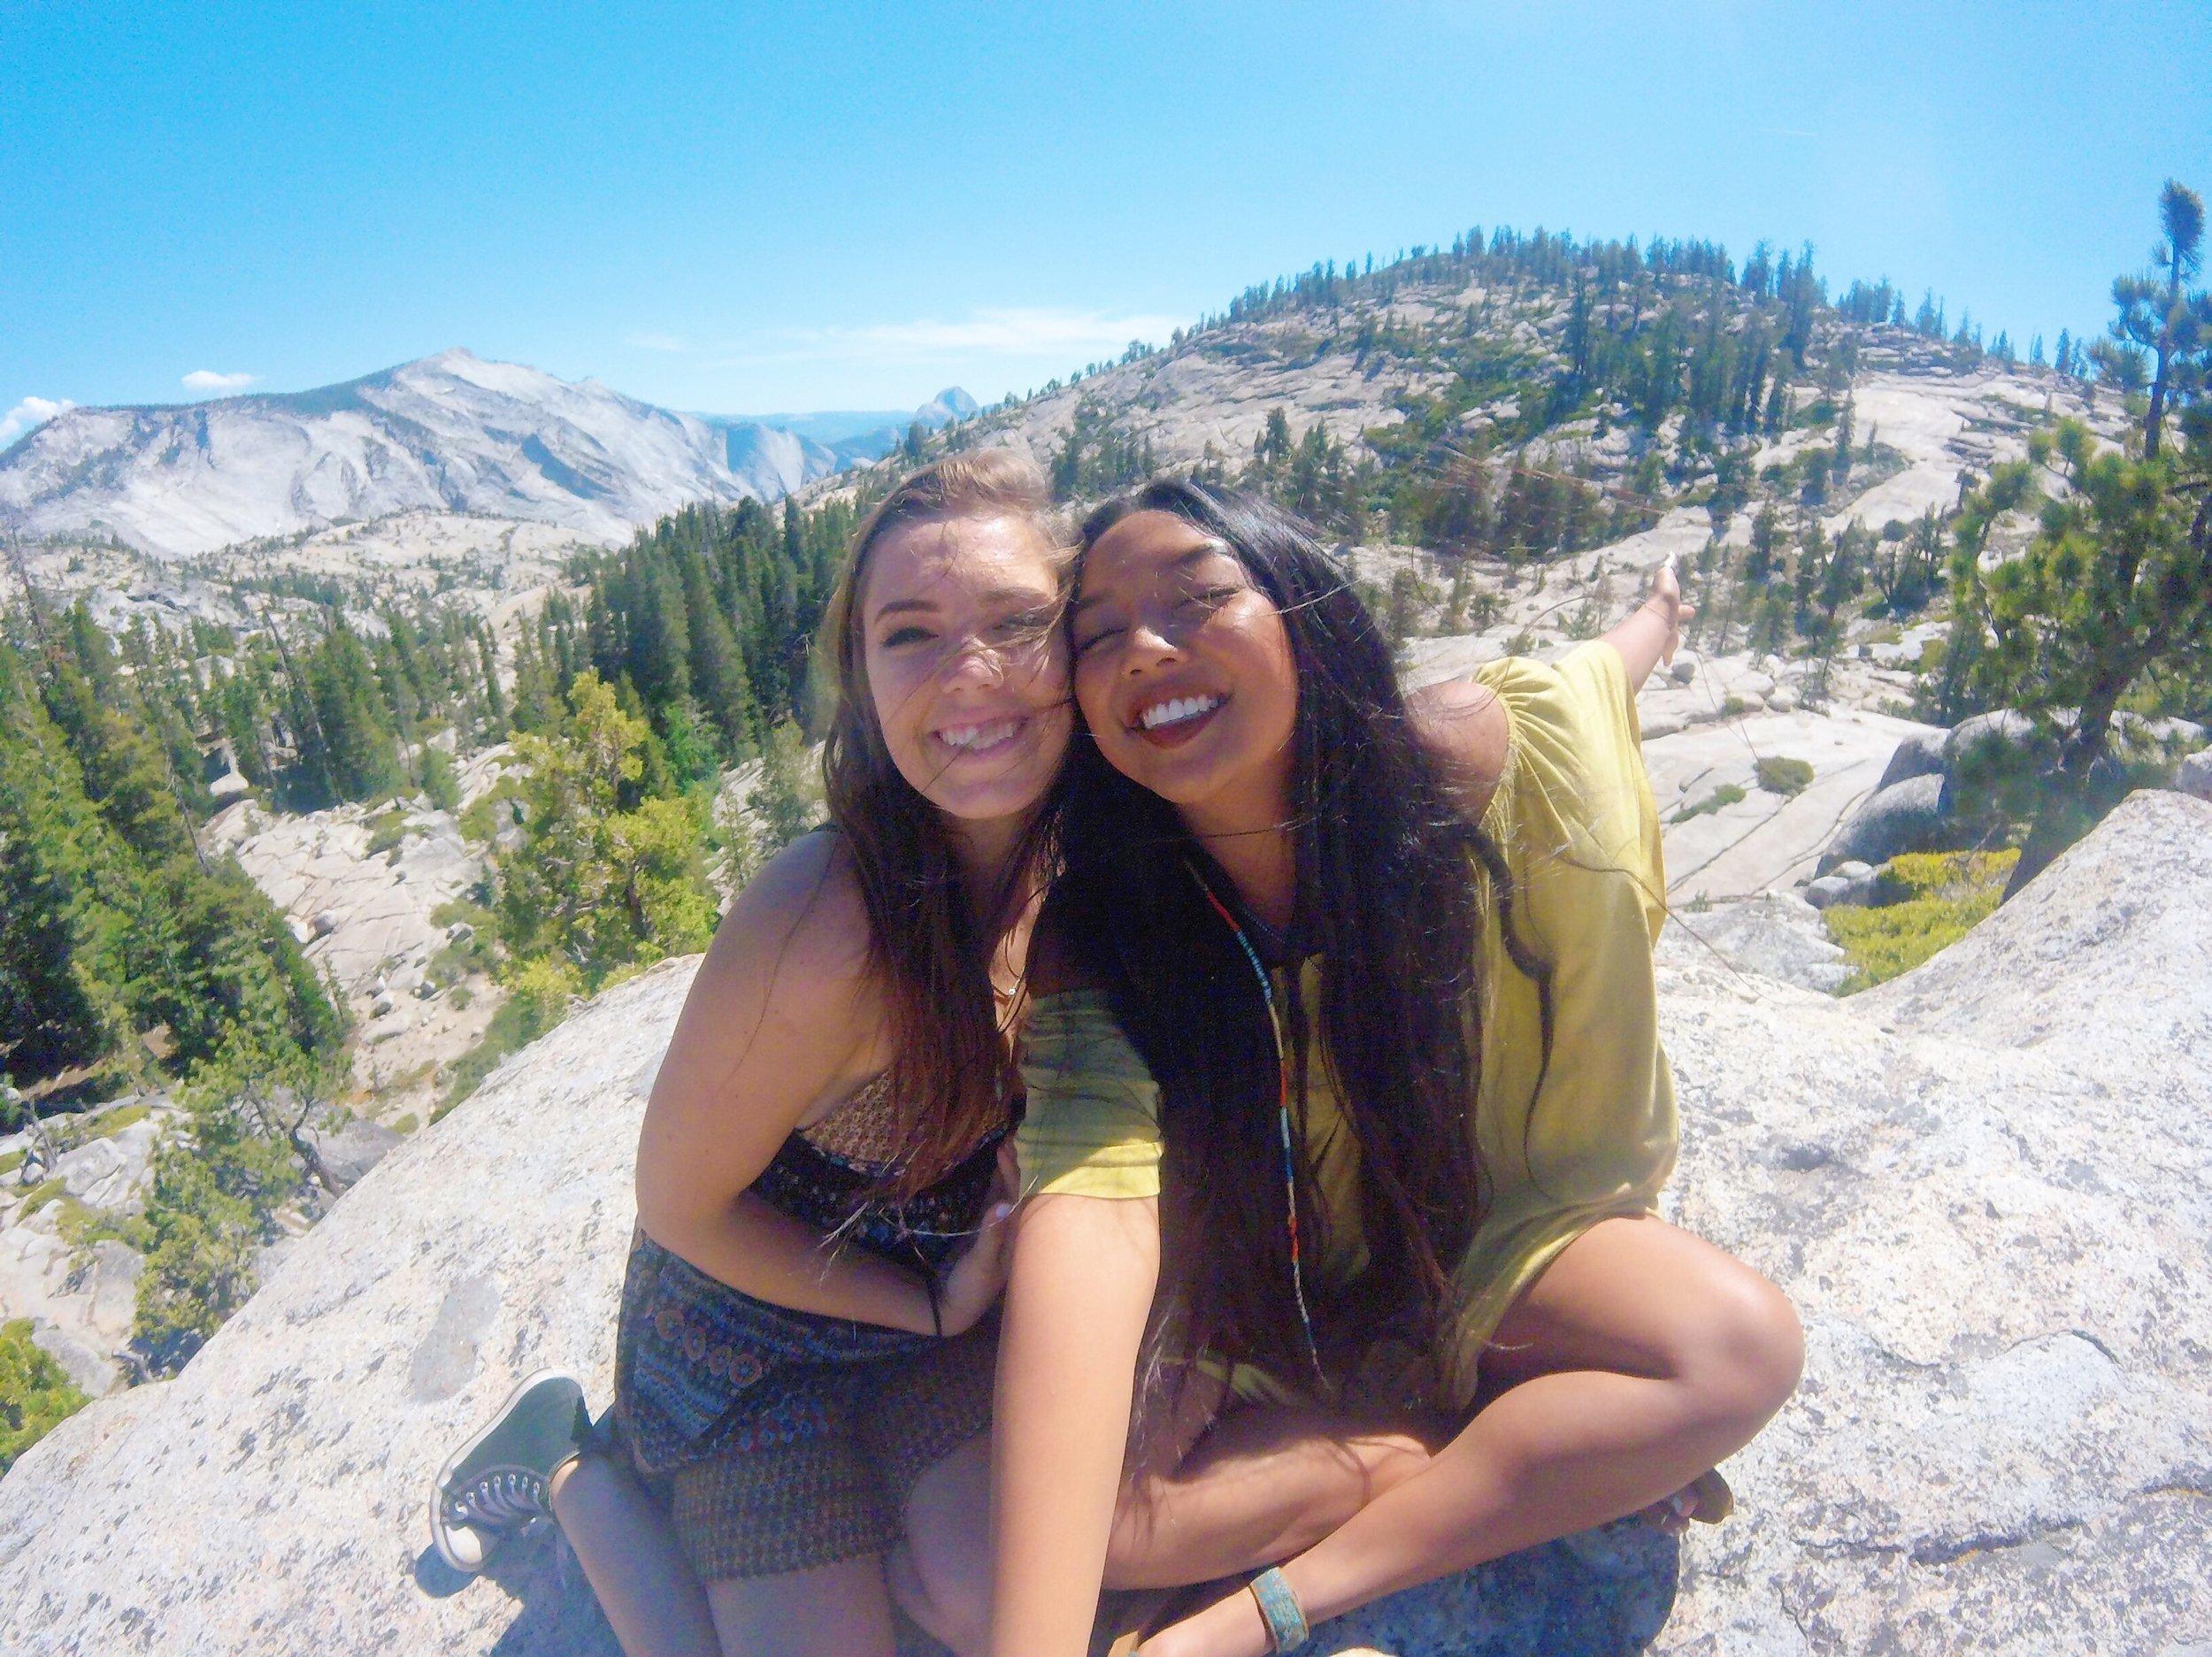 A little bit of Yosemite!